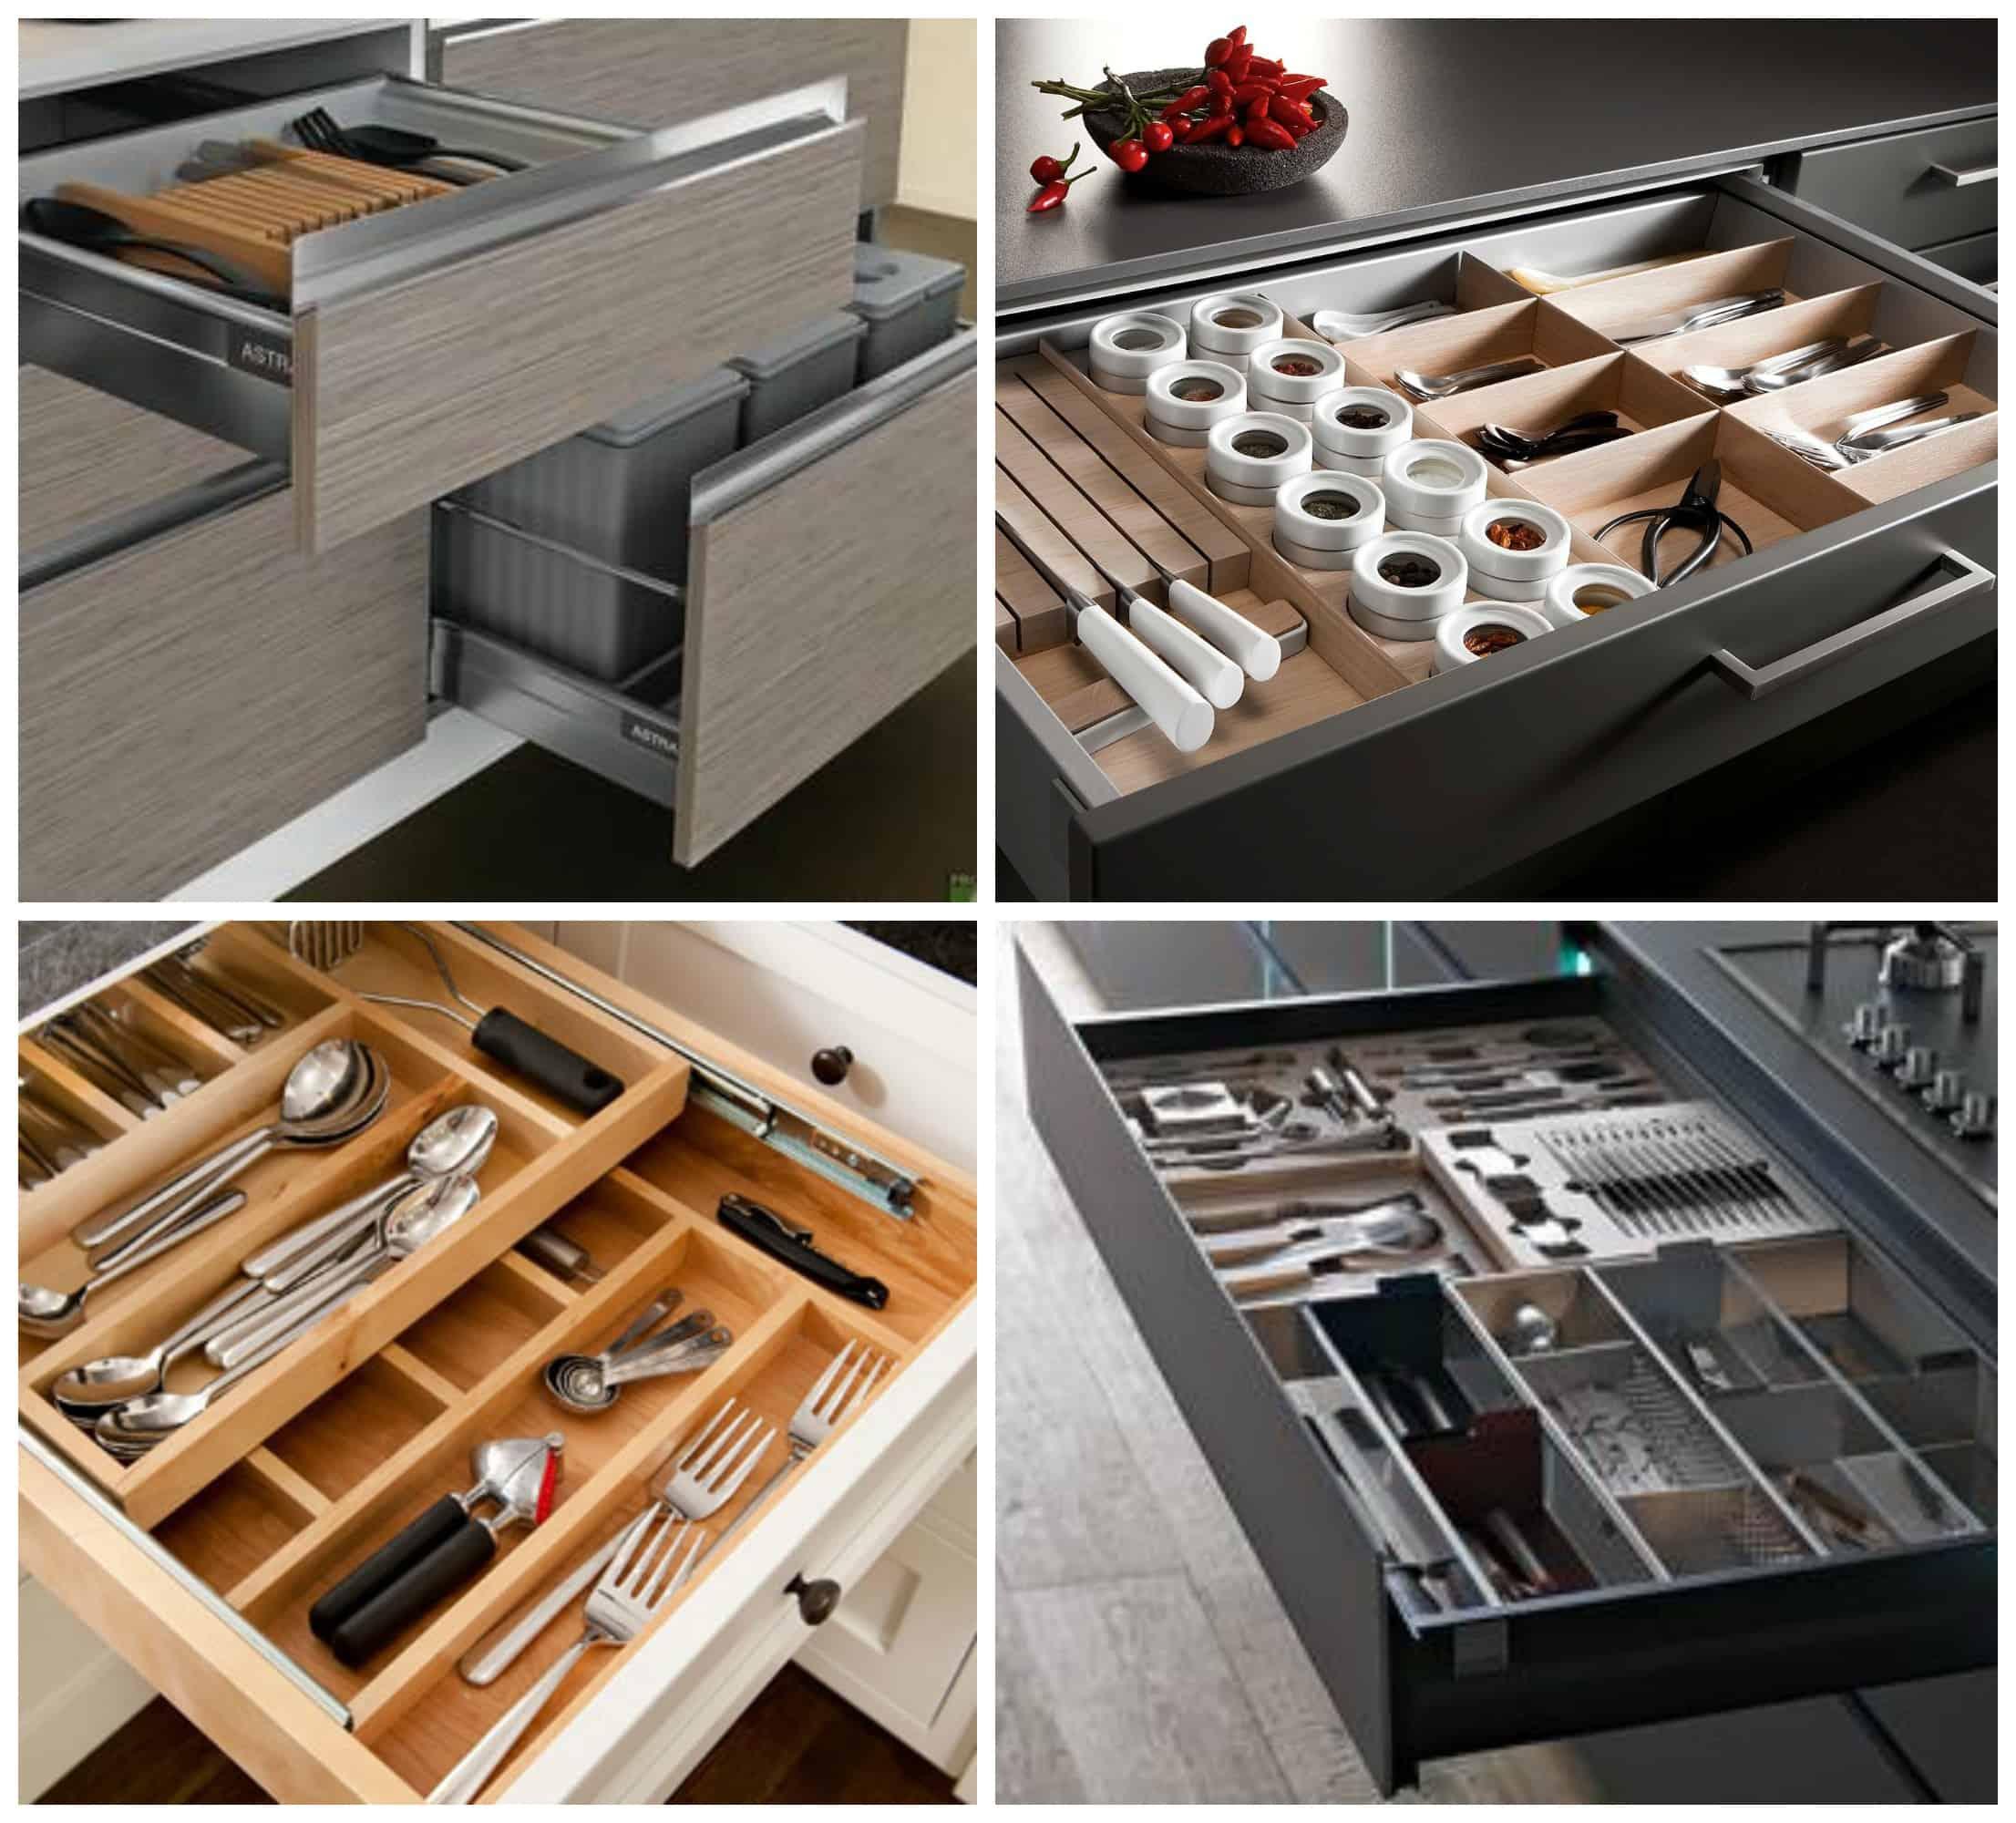 Cassetti della cucina, come montarli e come organizzarli al meglio ...